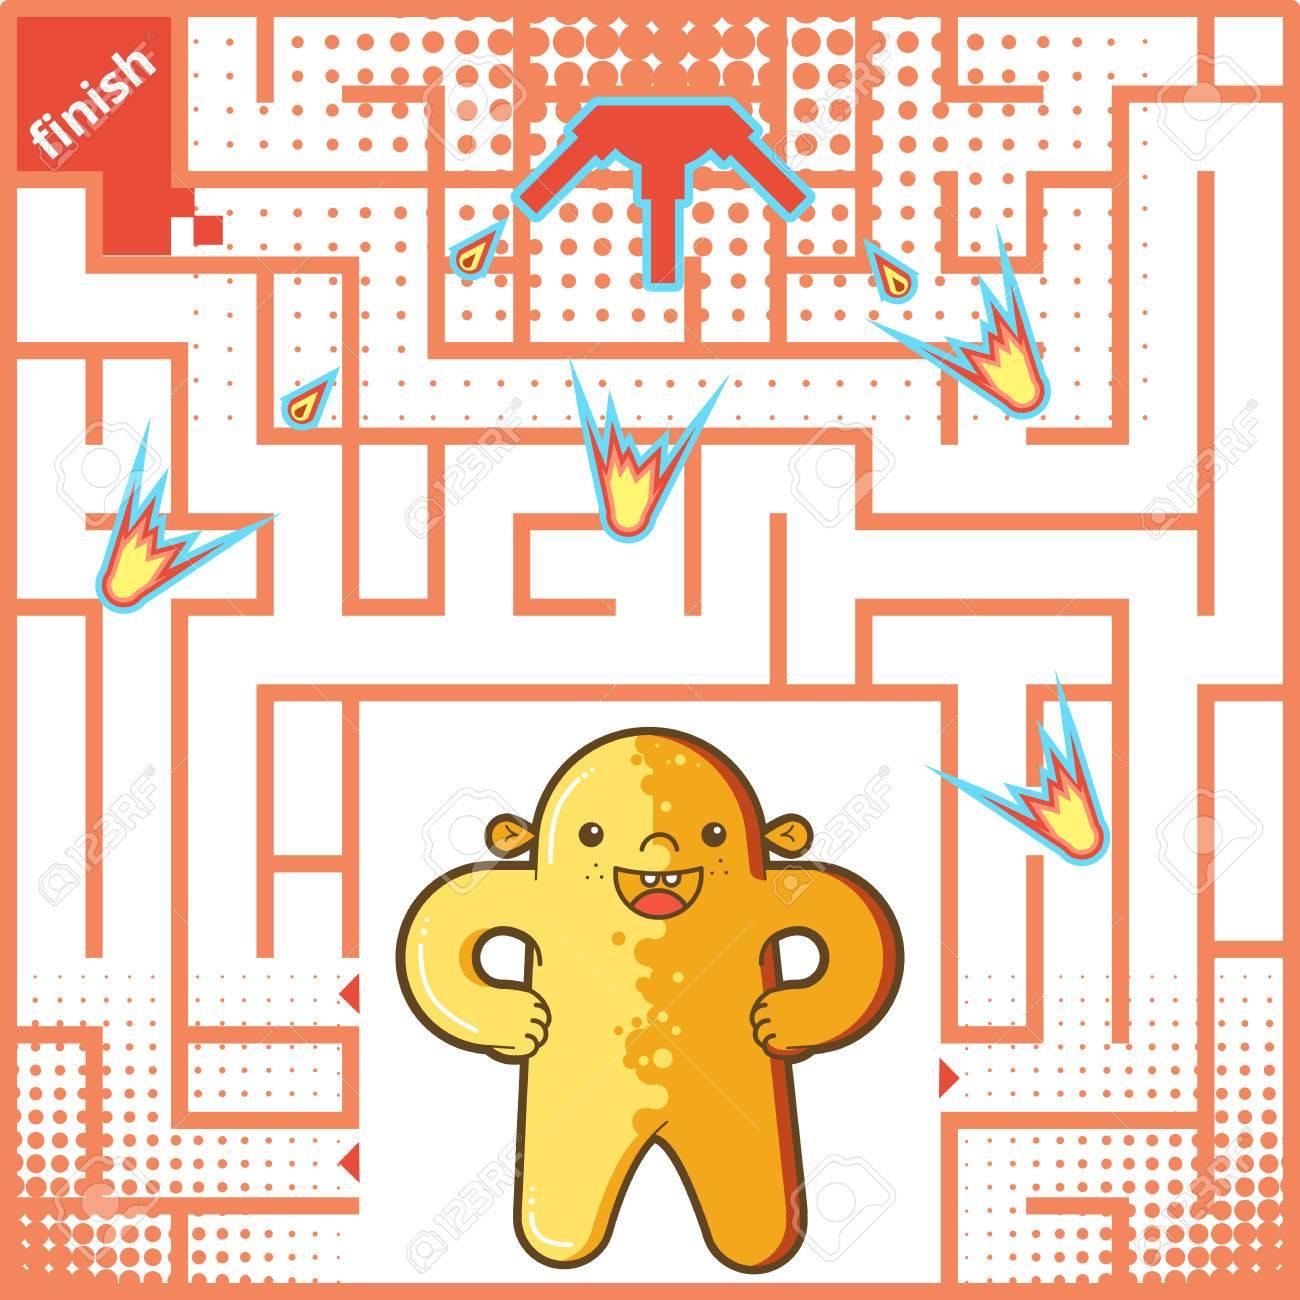 子供のための面白い迷路ゲーム迷路や幼児用迷路ゲーム迷路パズル